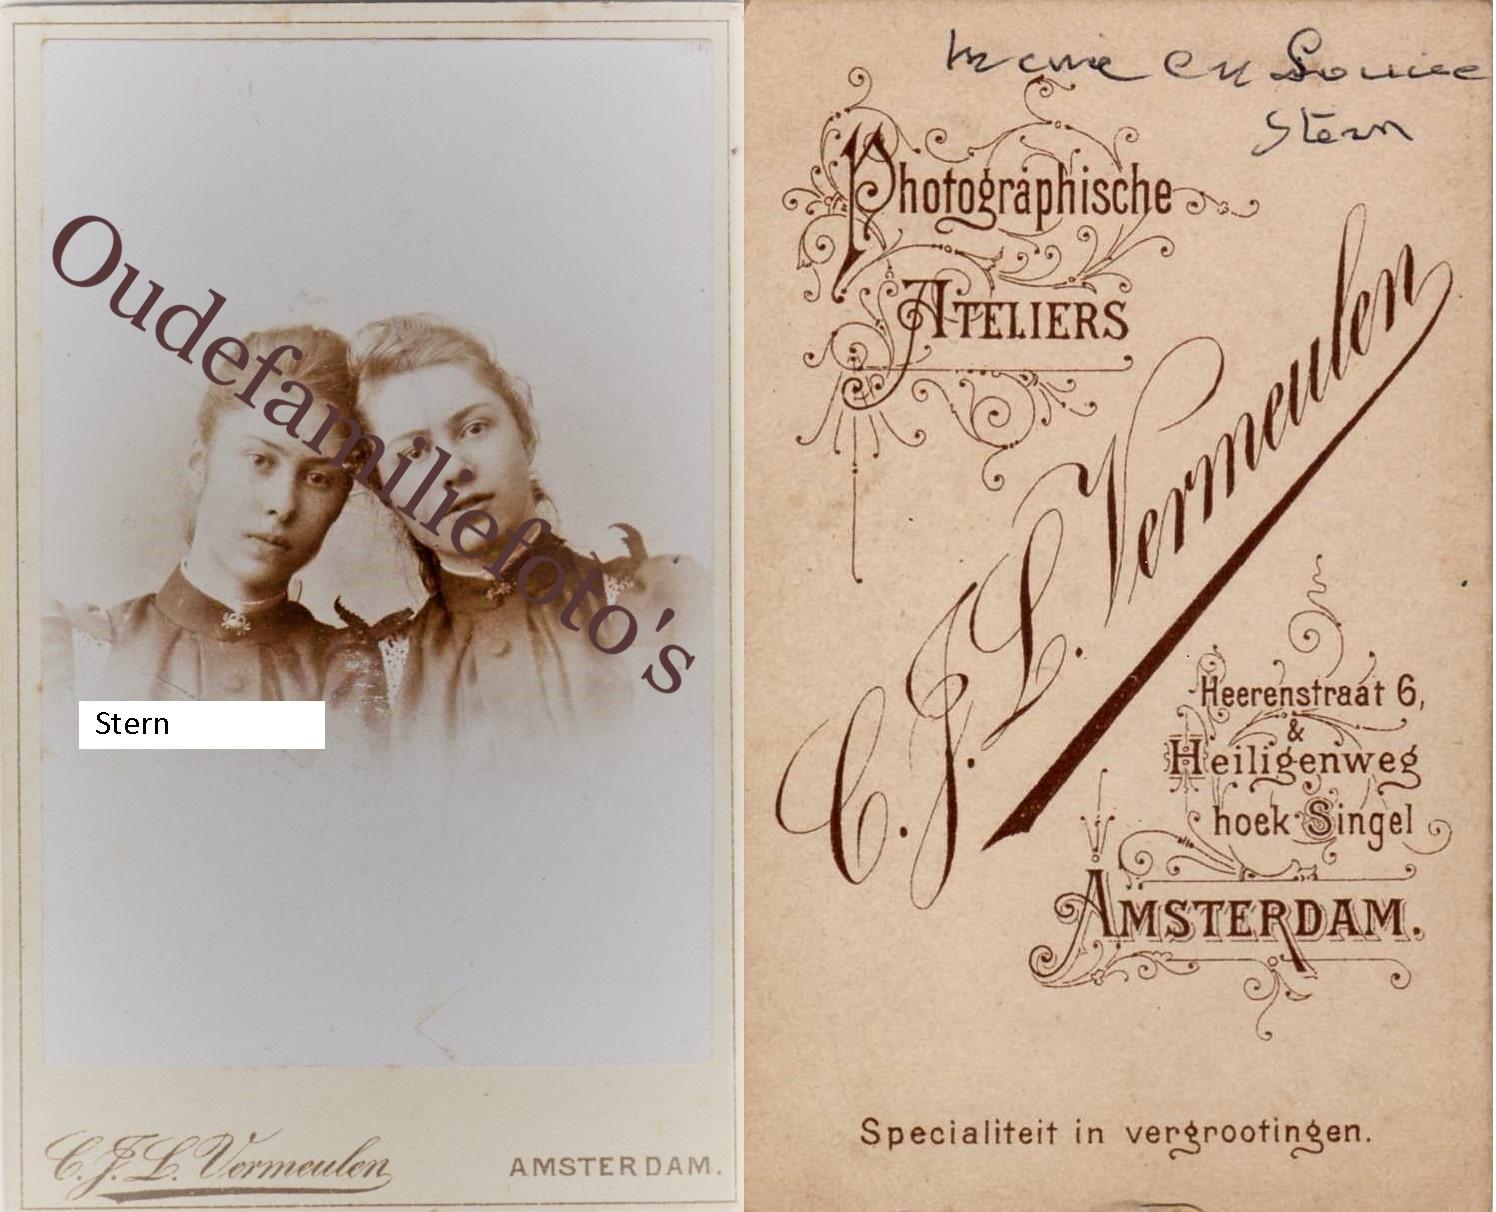 Stern, Louisa Cornelia Johanna. Geb. 3-8-1880 Sluis. Zus: Maria Francina Geb. 22-5-1878 Heille. Moeder Hennequin. € 3,00